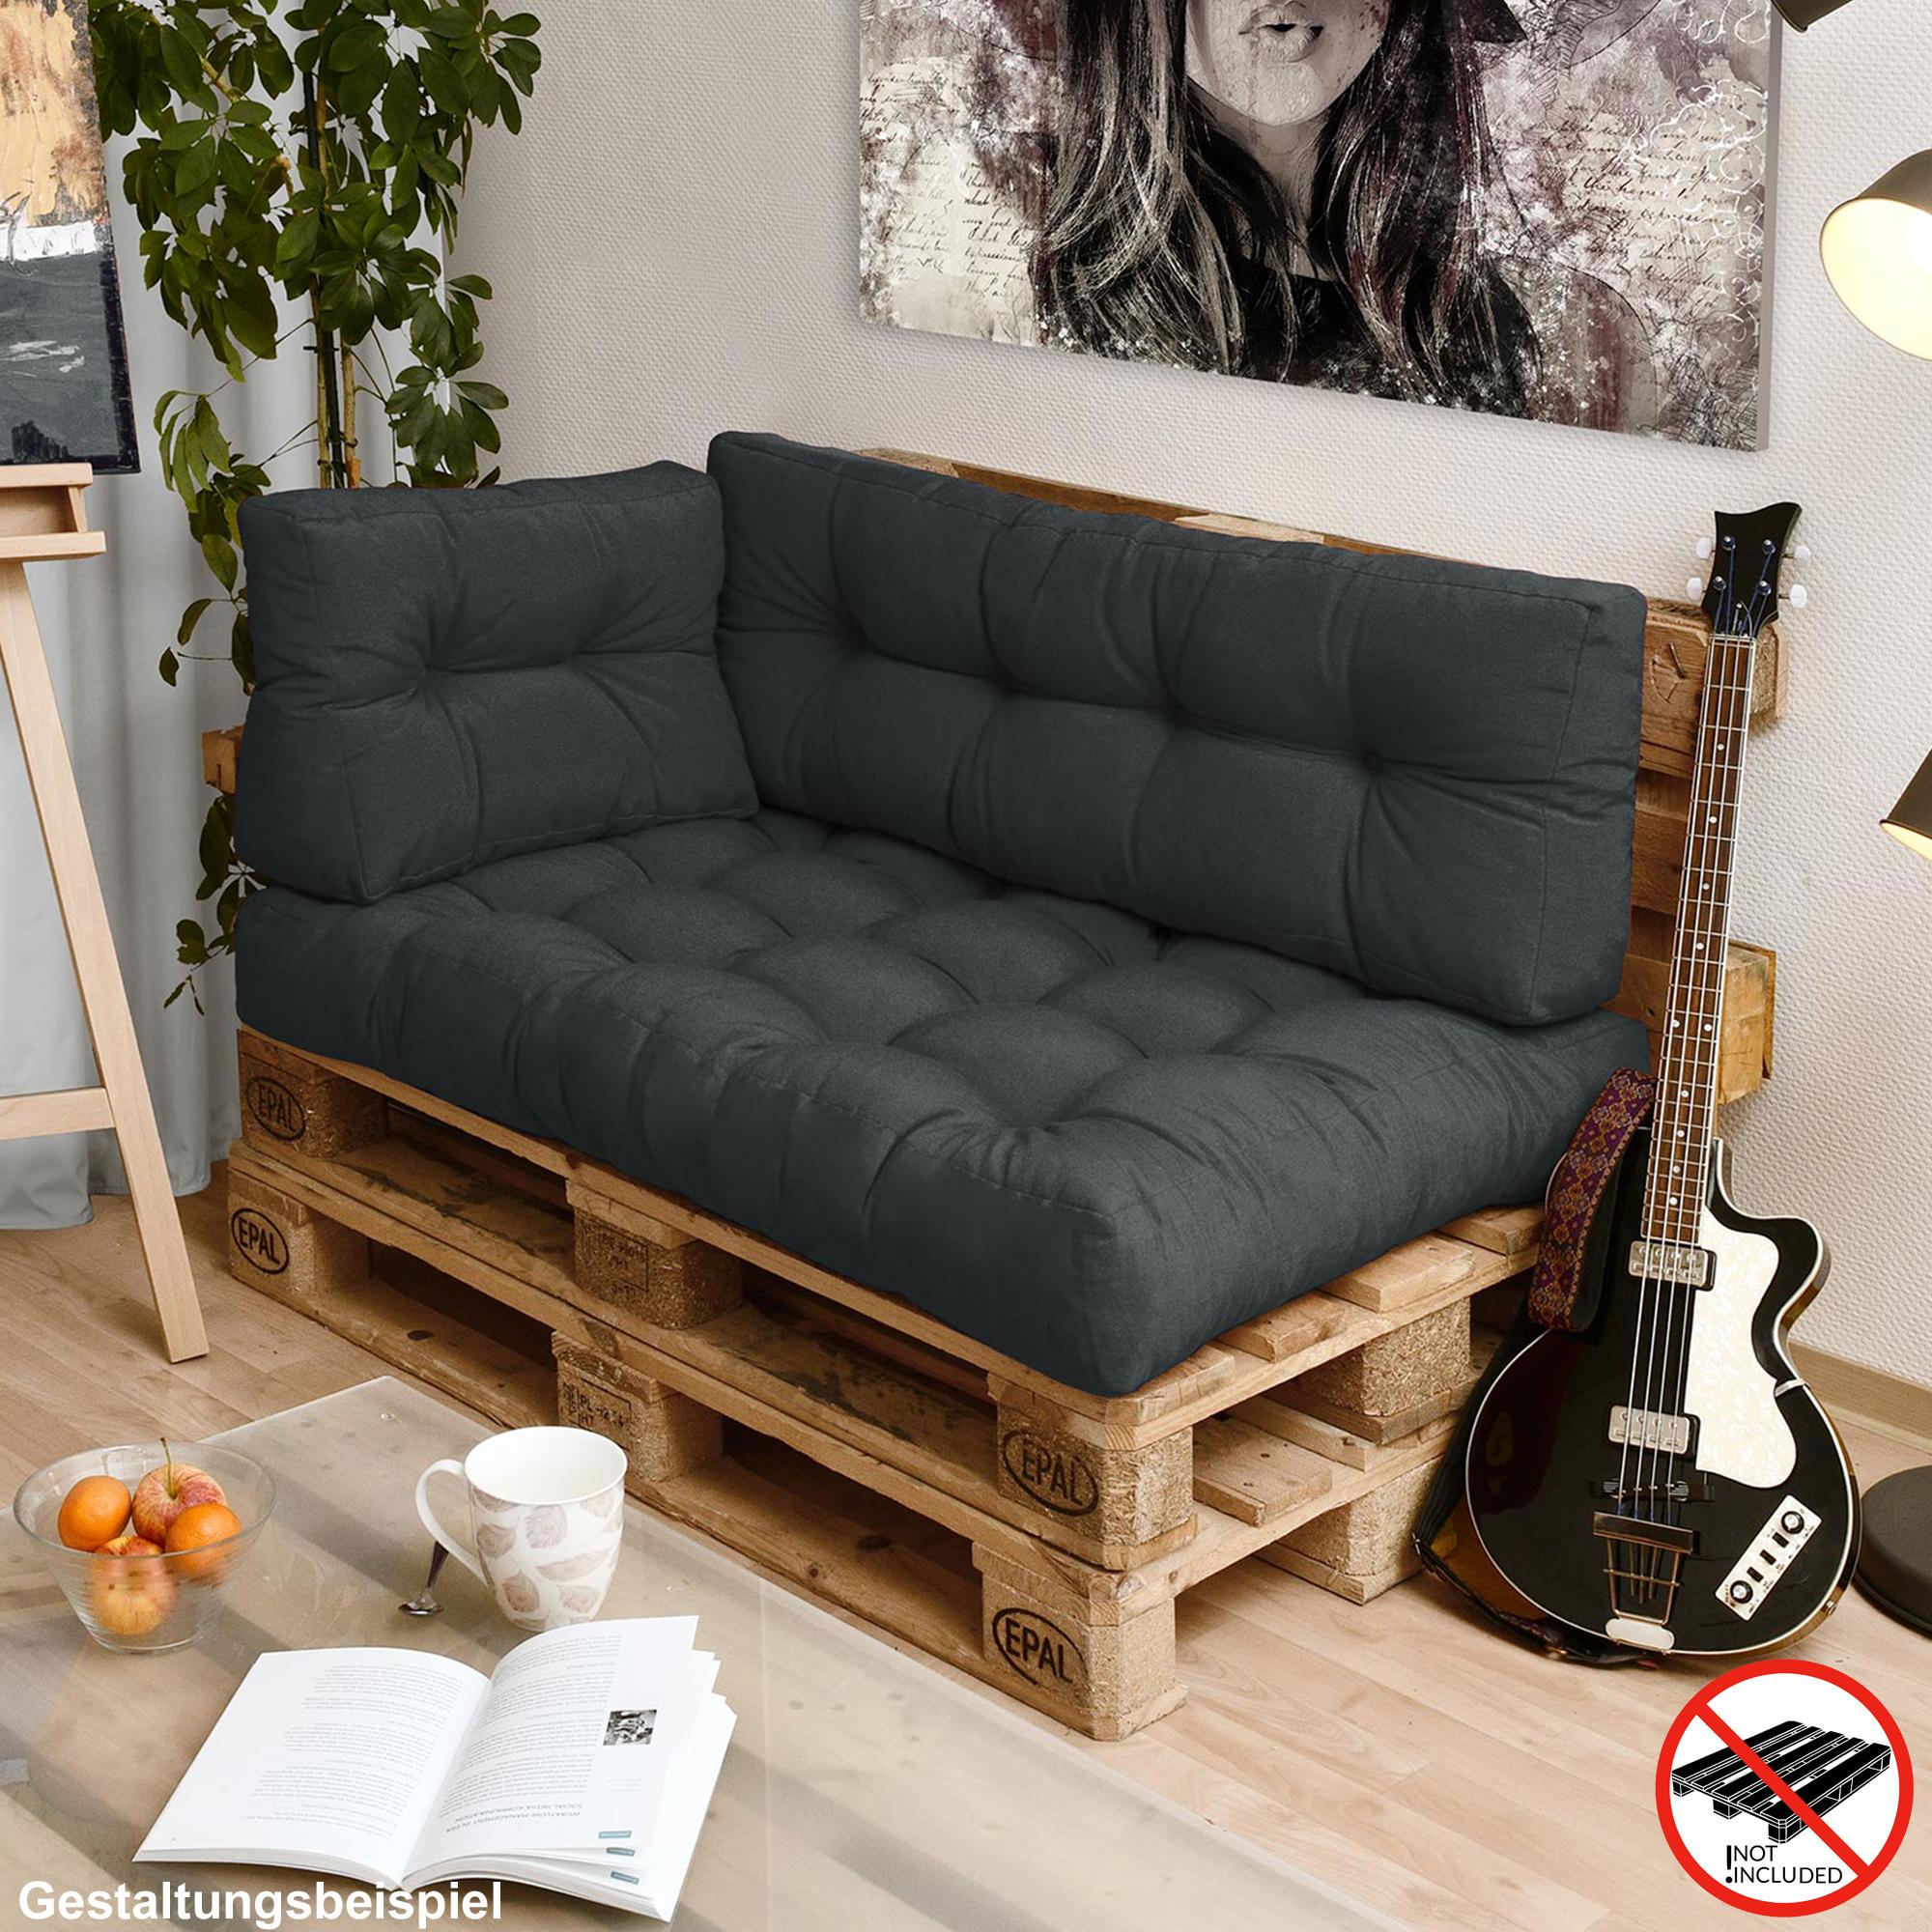 farbgestaltung wand. Black Bedroom Furniture Sets. Home Design Ideas